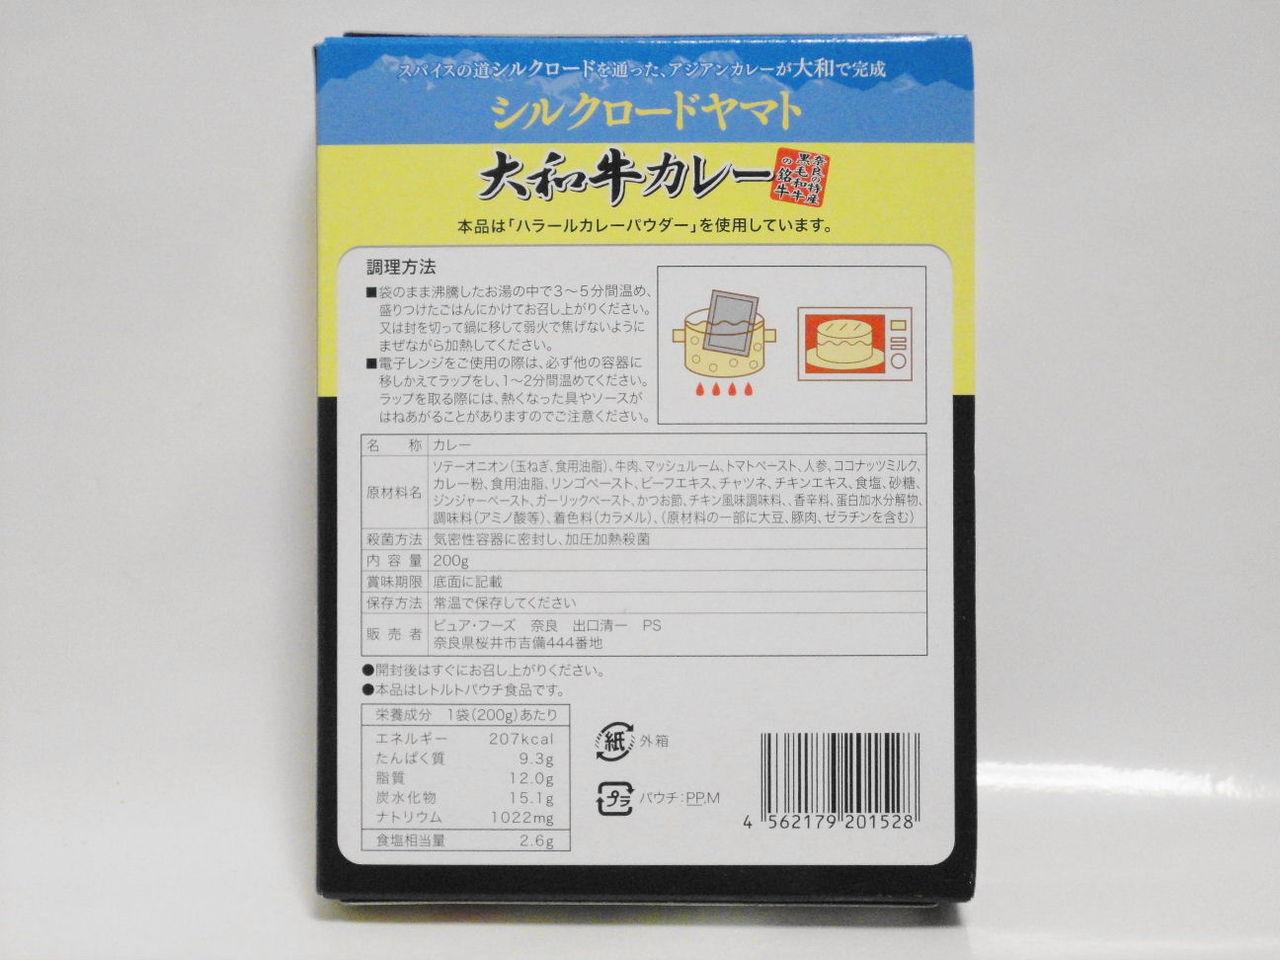 【カレー】大和牛カレー/ヤマトポークカレー                philly